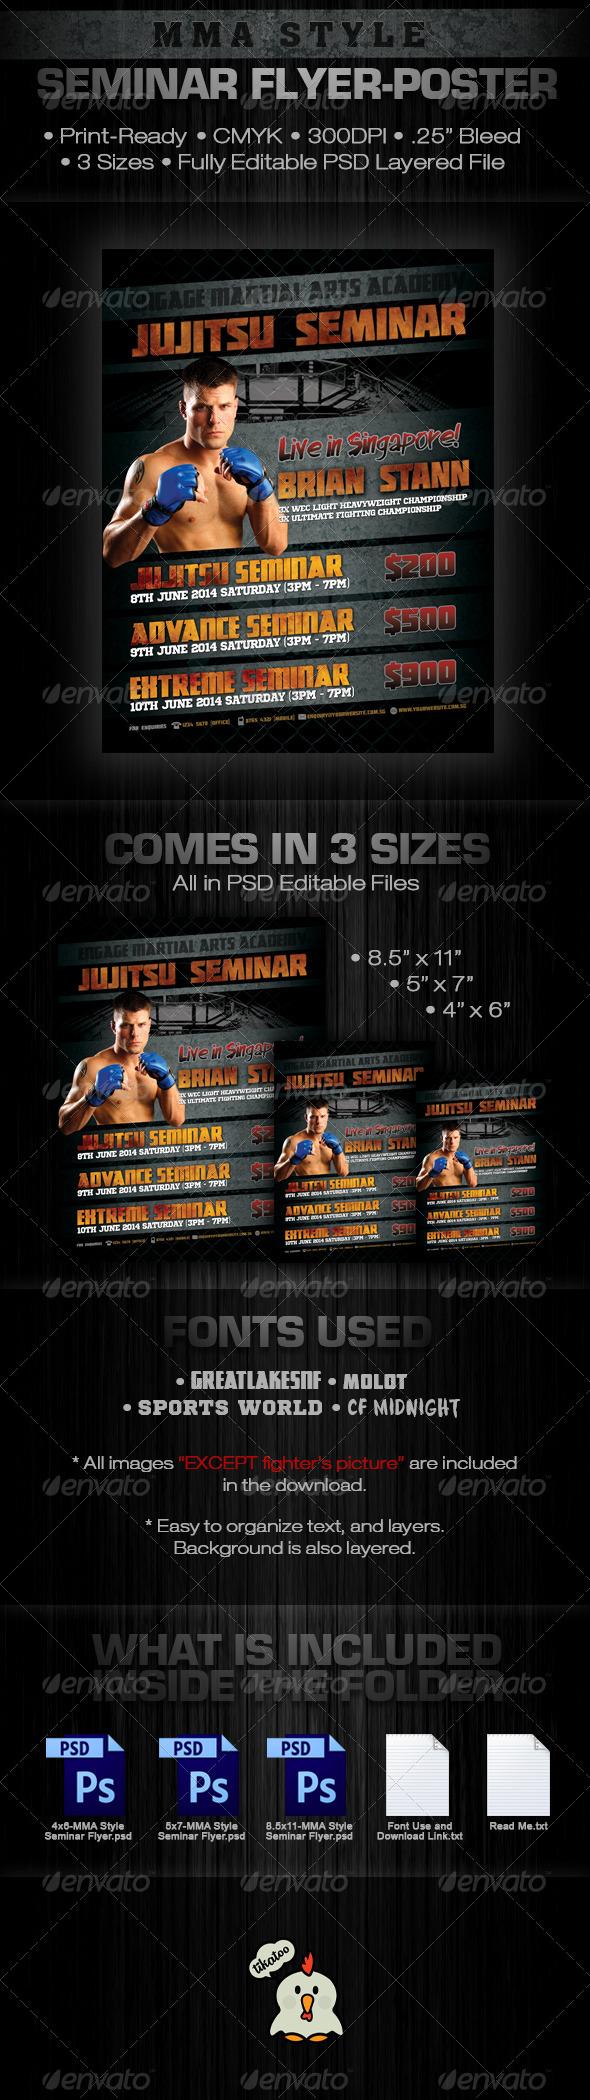 GraphicRiver MMA Style Seminar Flyer 5766765